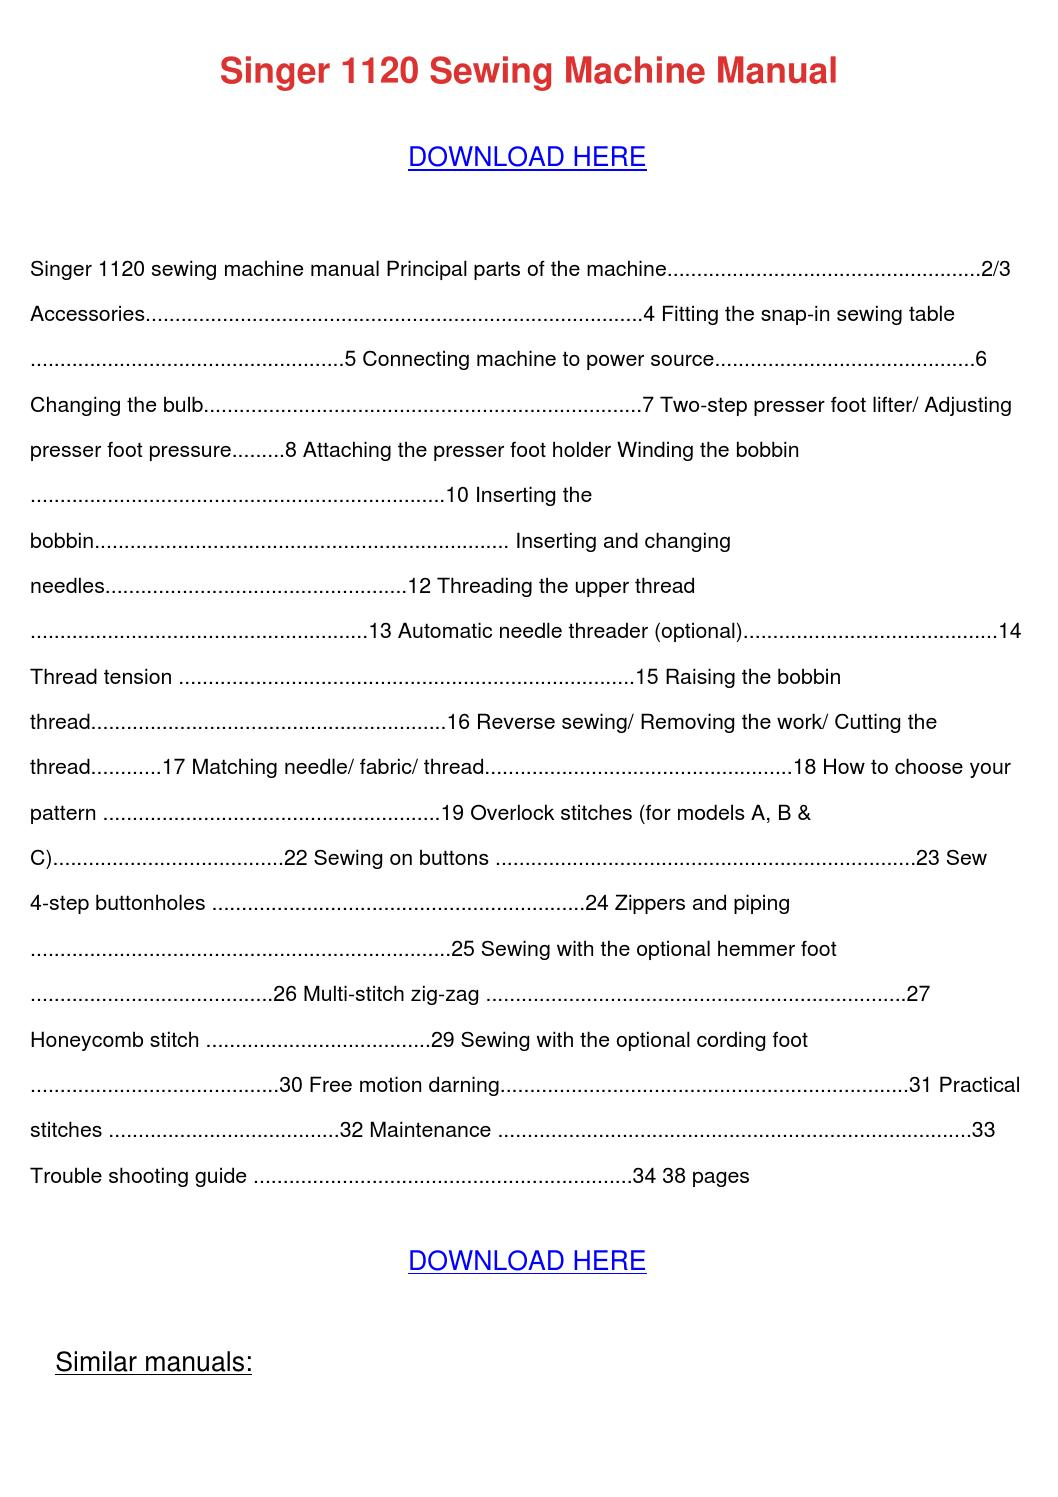 singer sewing machine manual 1120